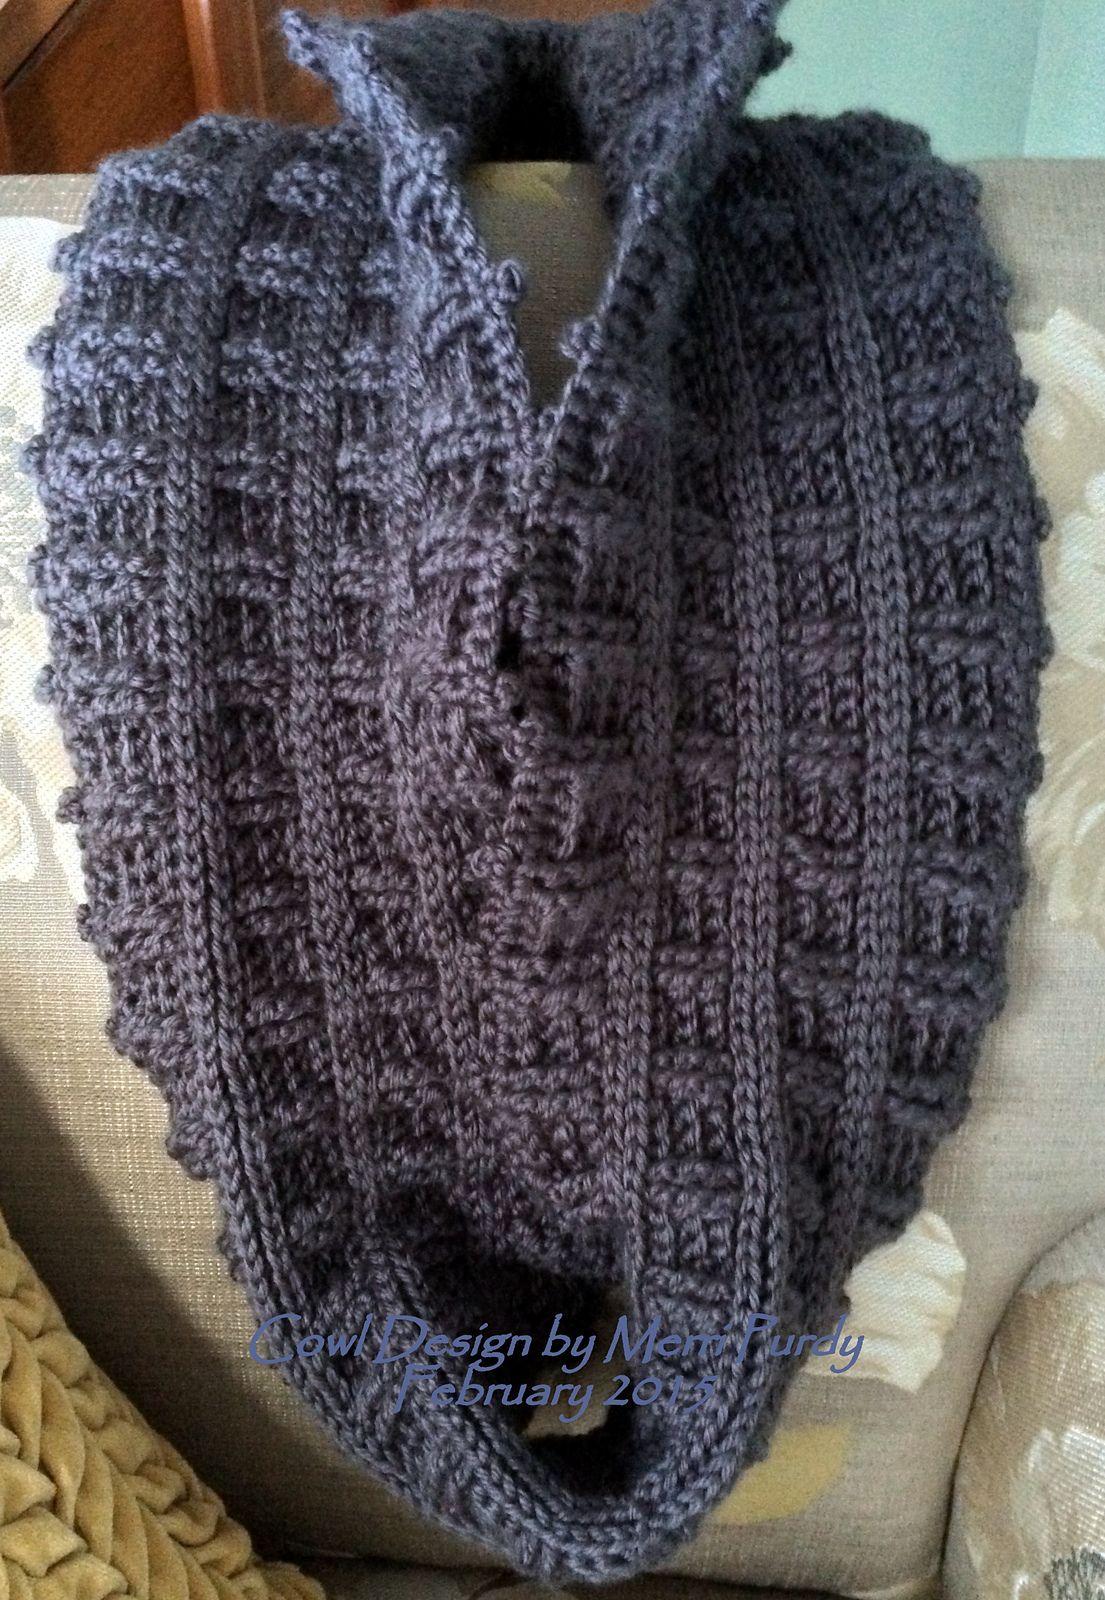 Quincy Cowl By Merri Purdy Free Crochet Pattern